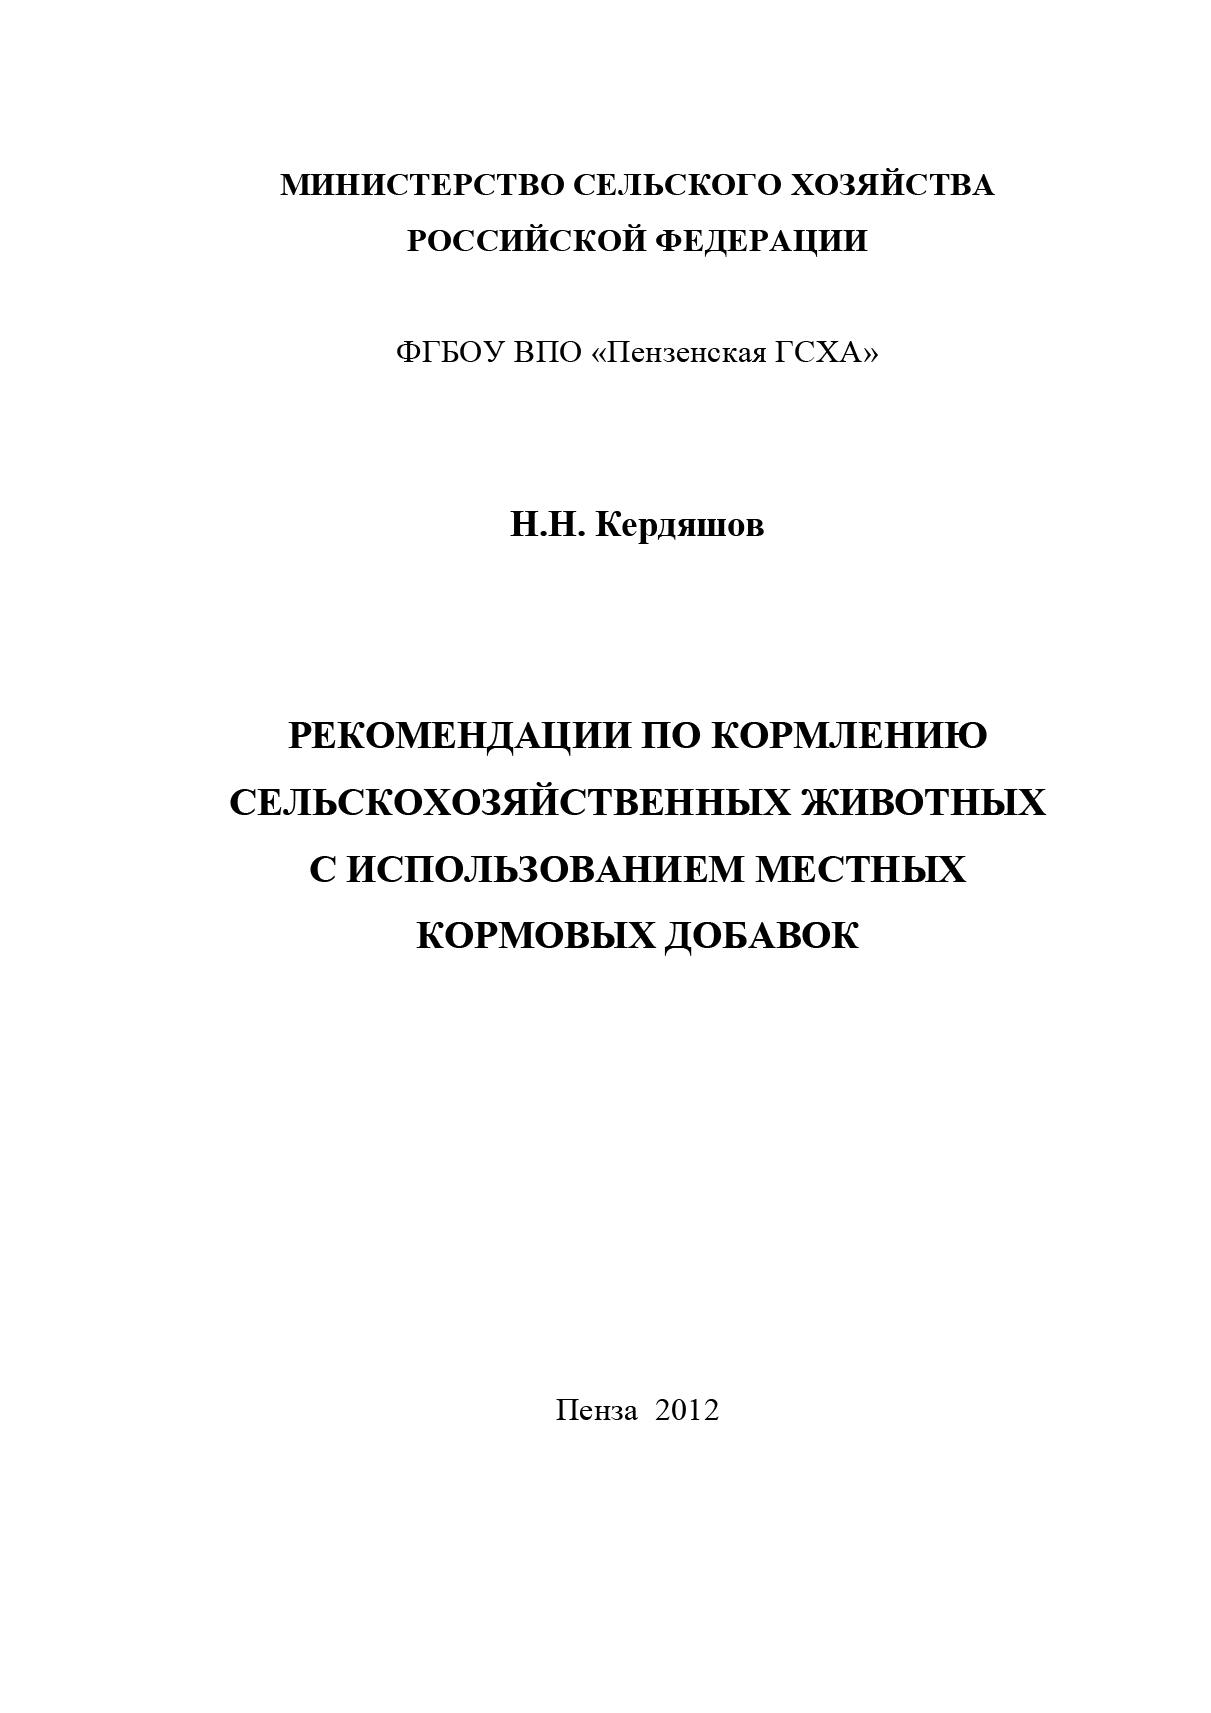 Н. Н. Кердяшов Рекомендации по кормлению сельскохозяйственных животных с использованием местных кормовых добавок